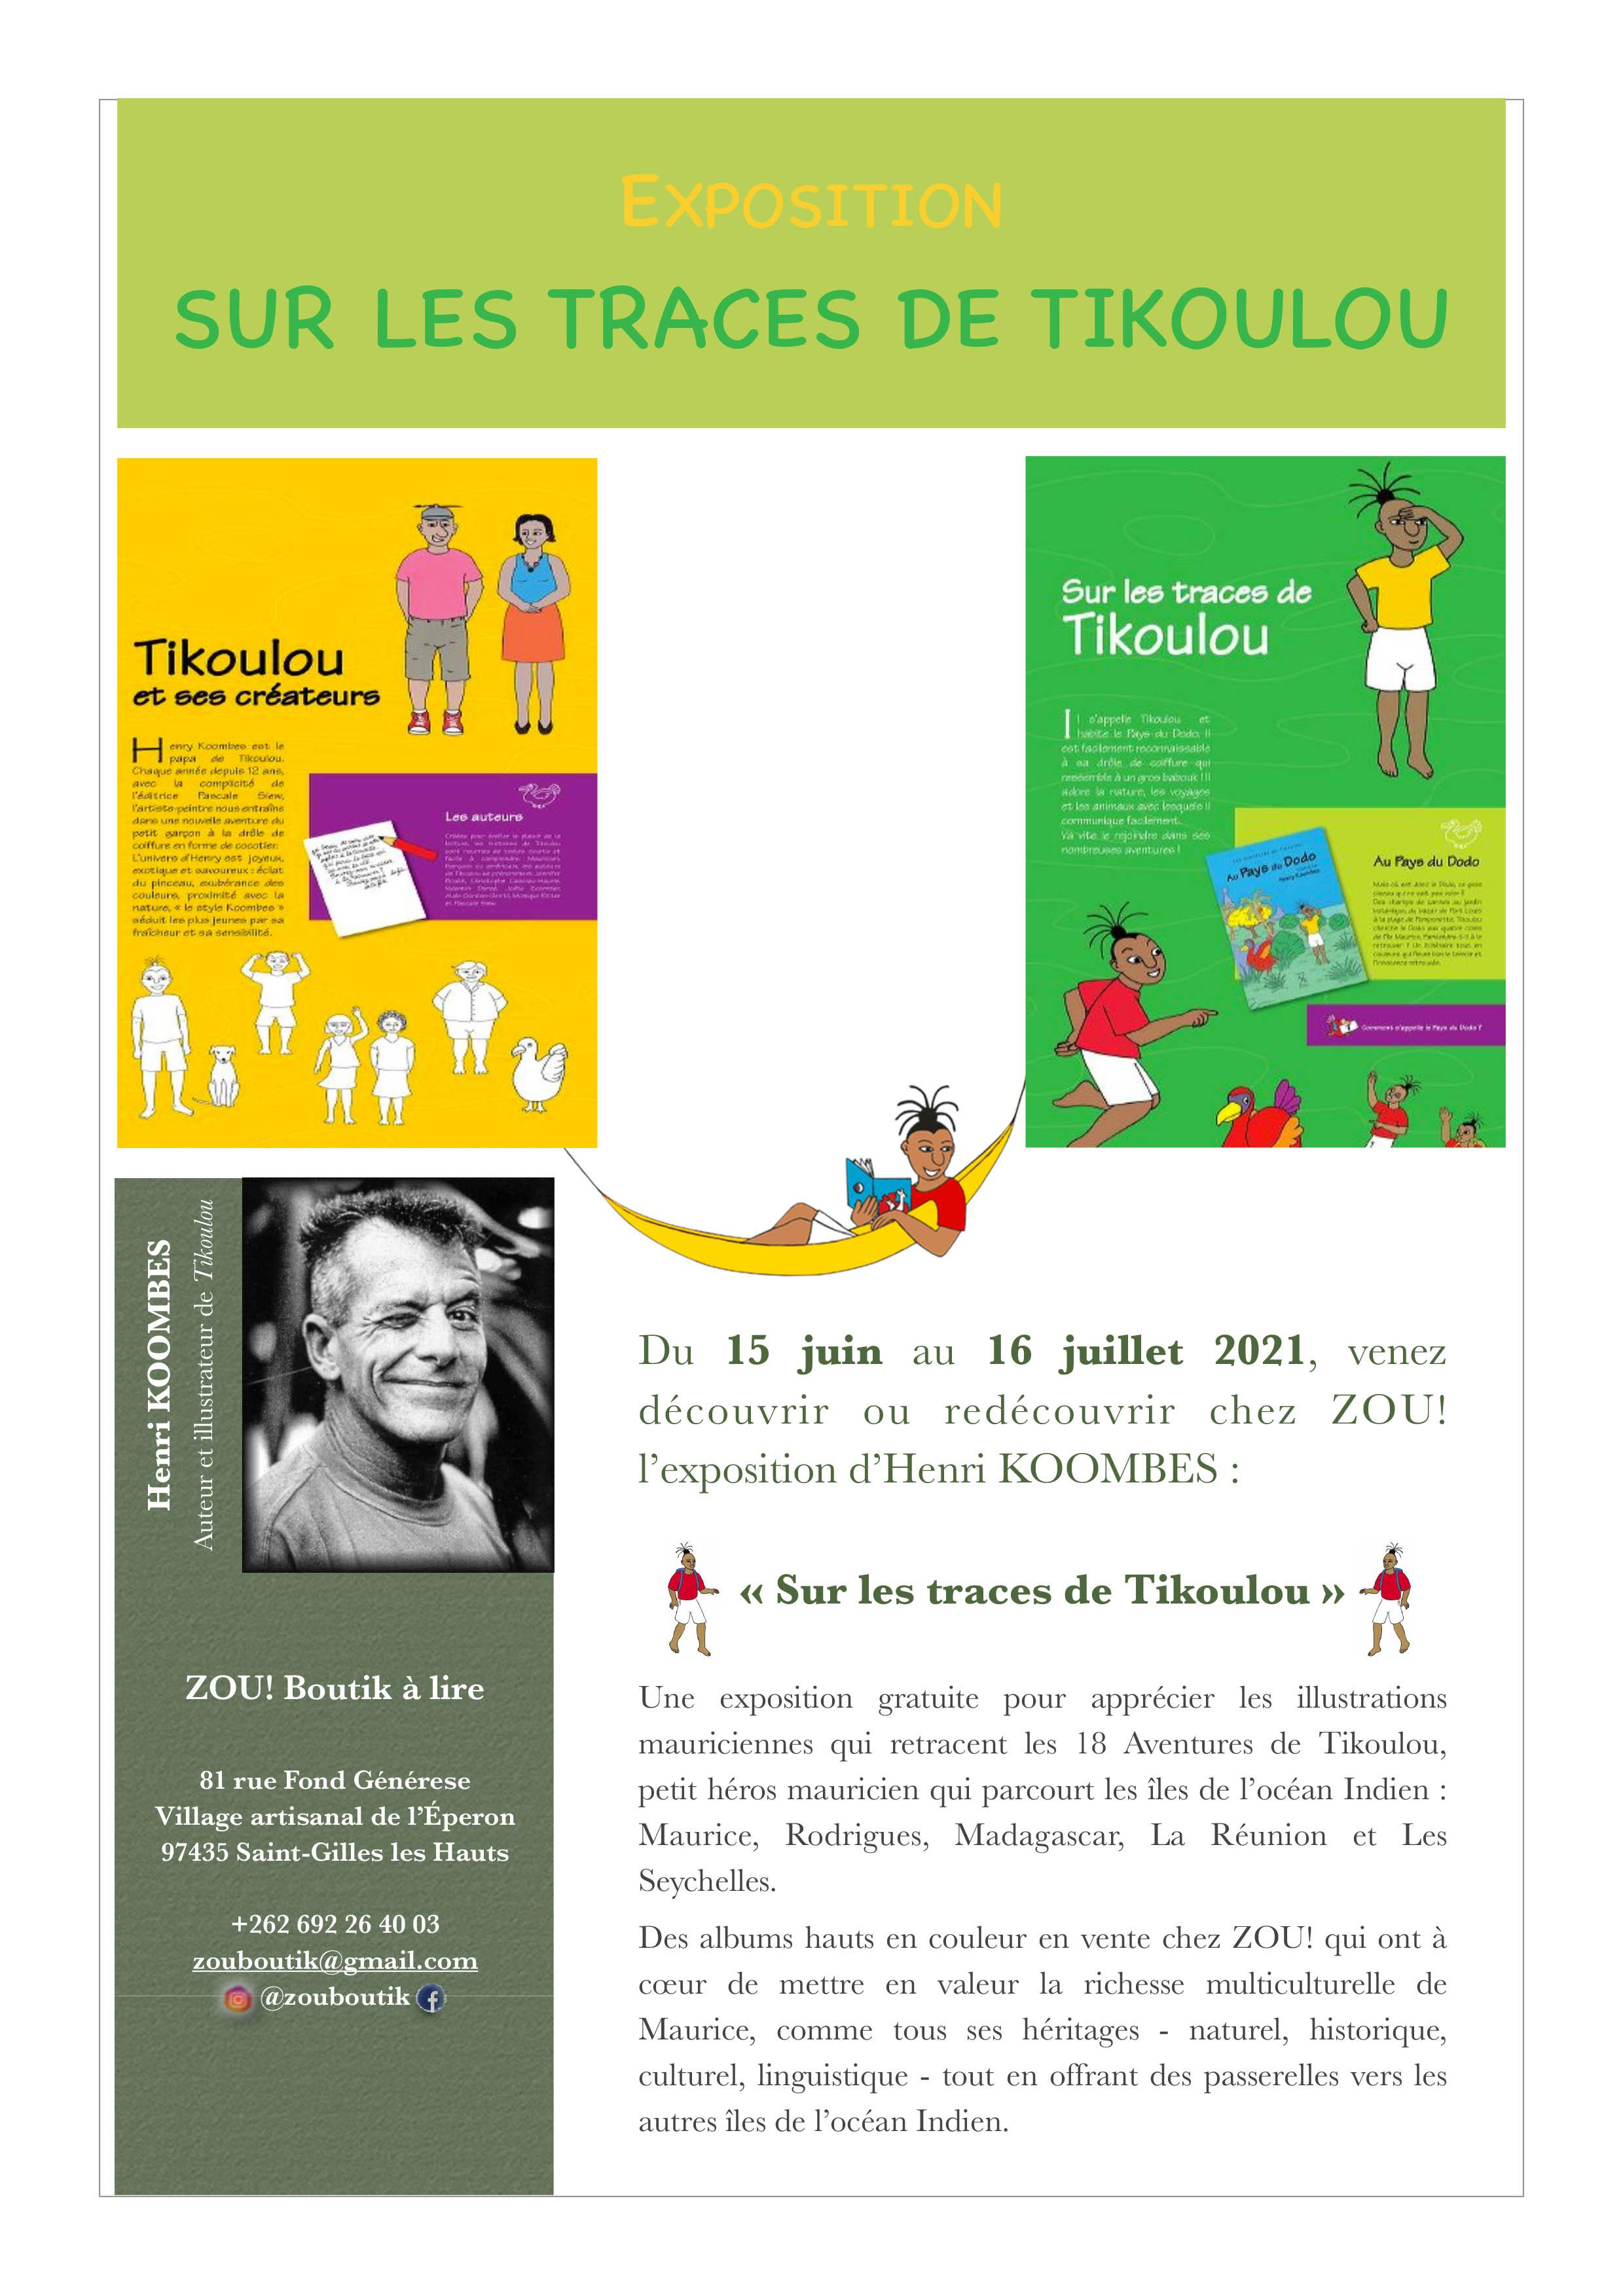 EXPOSITION - SUR LES TRACES DE TIKOULOU